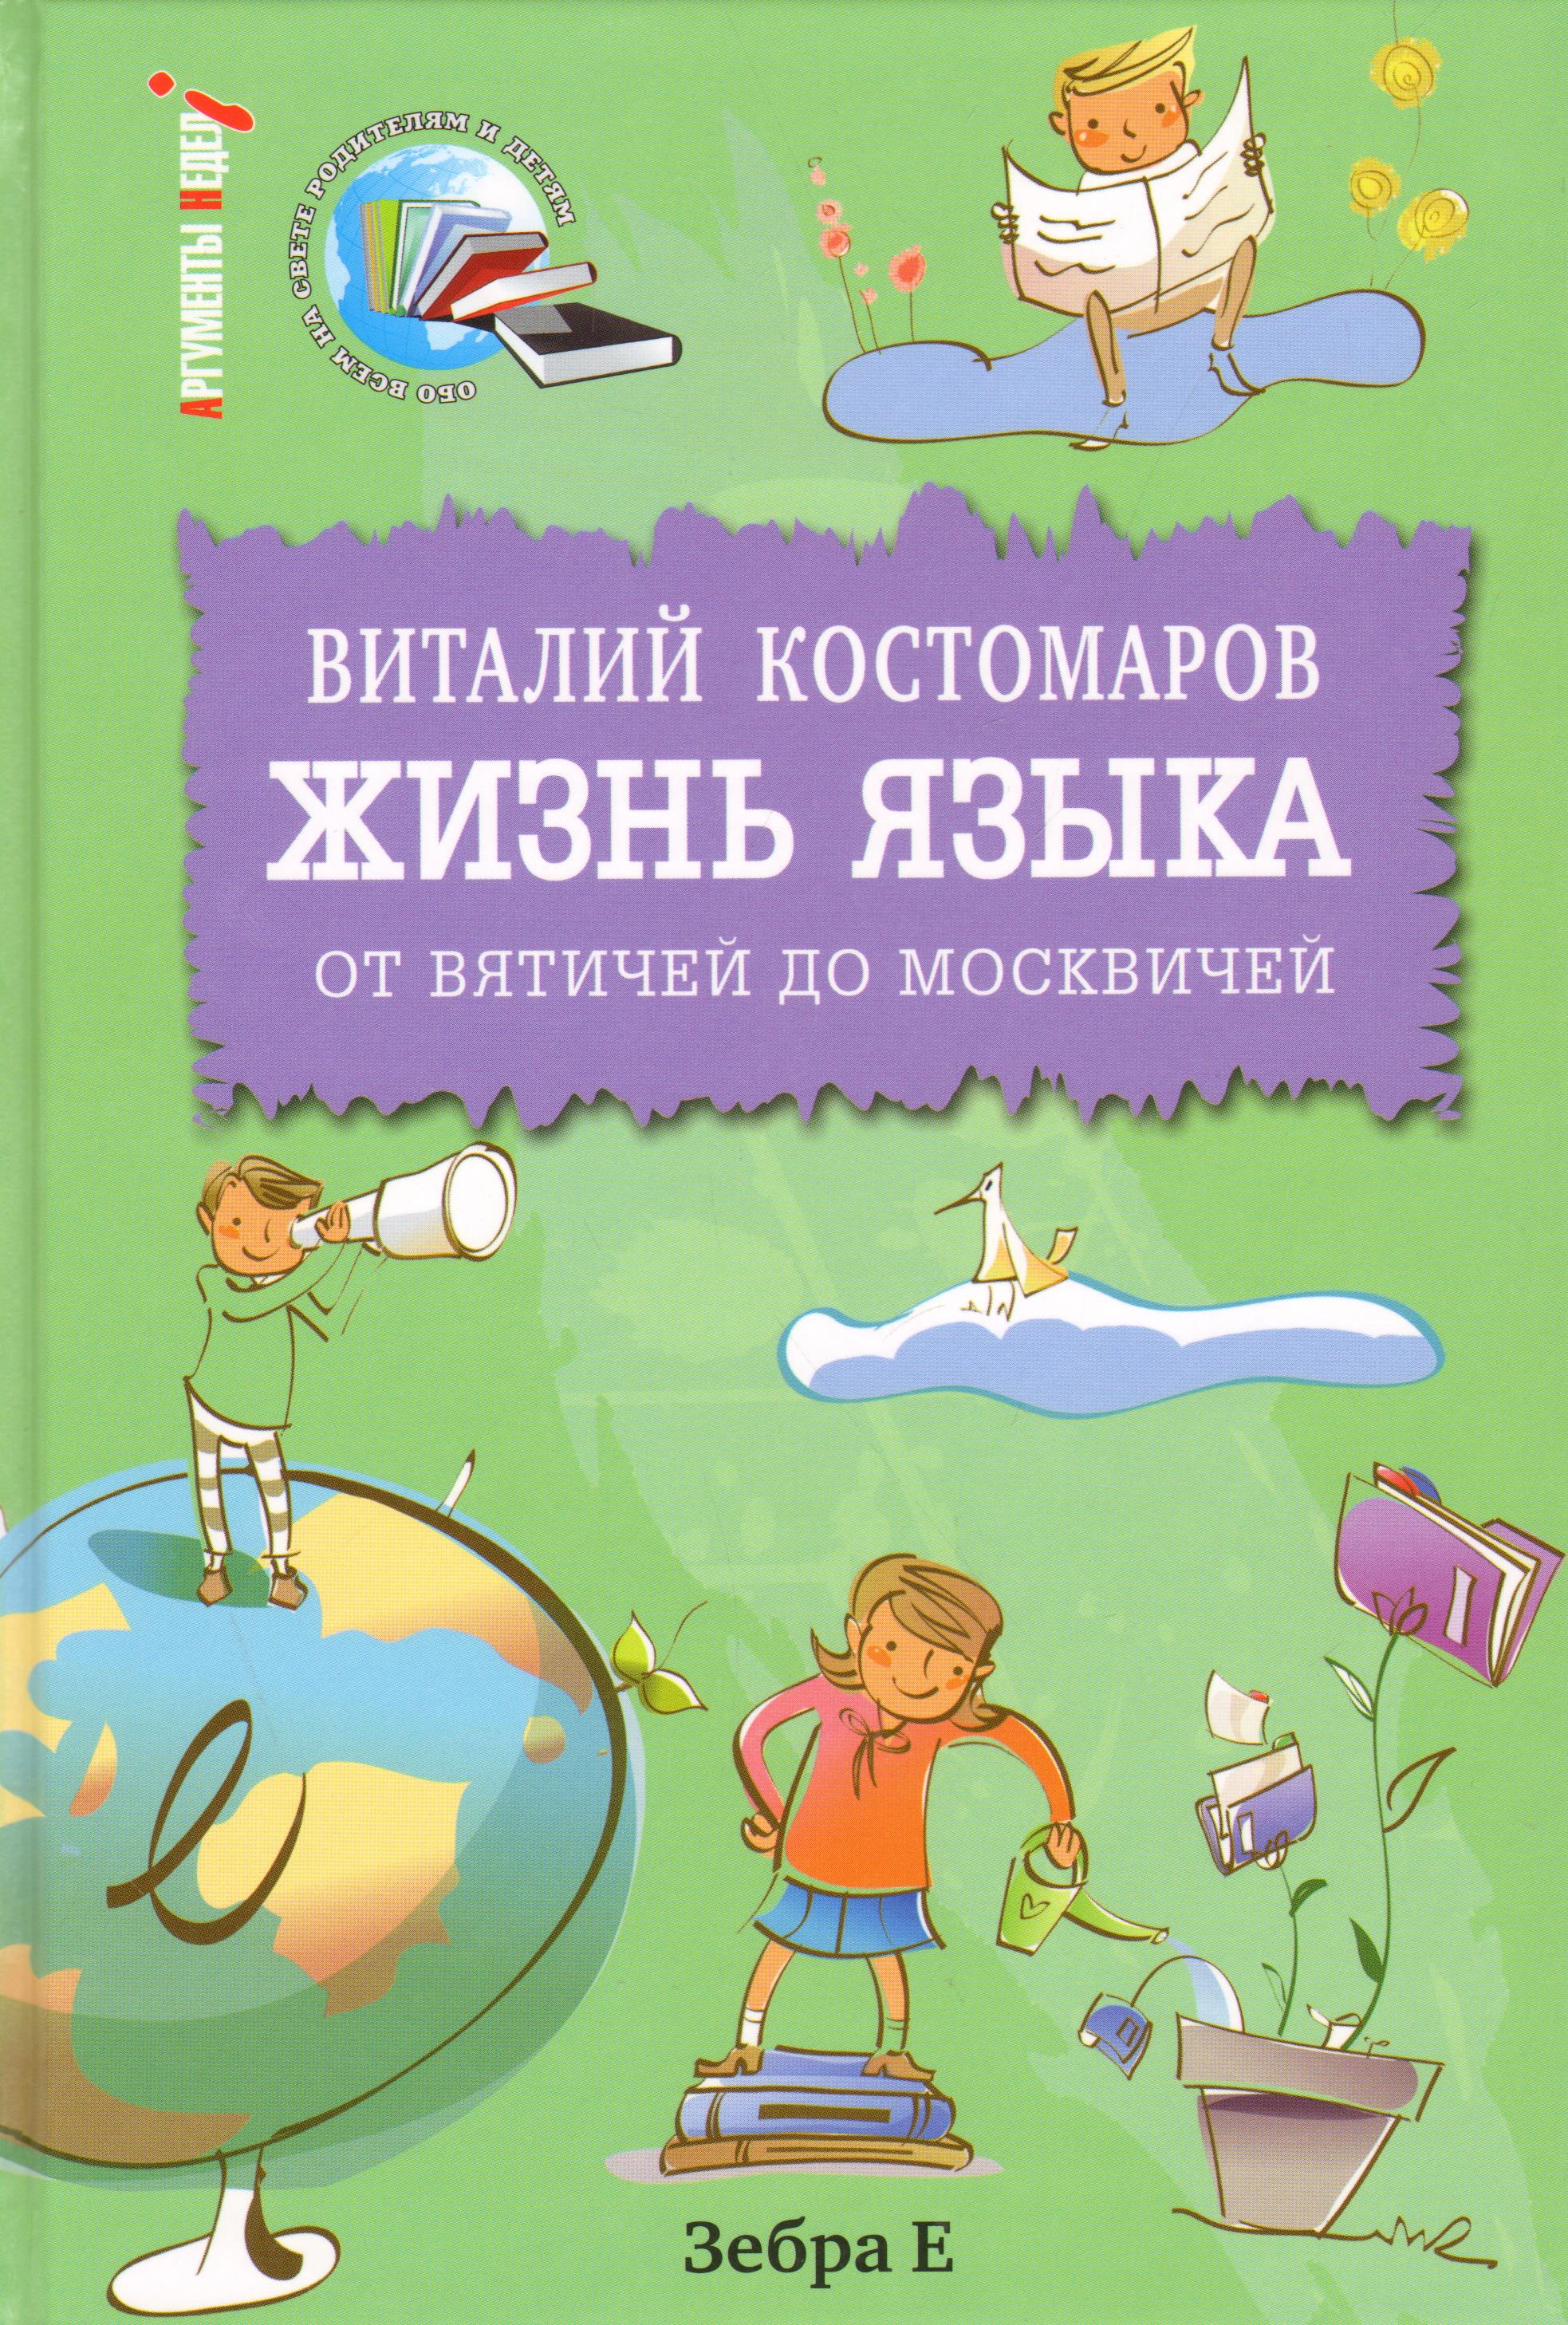 Жизнь языка. От вятичей до московичей.